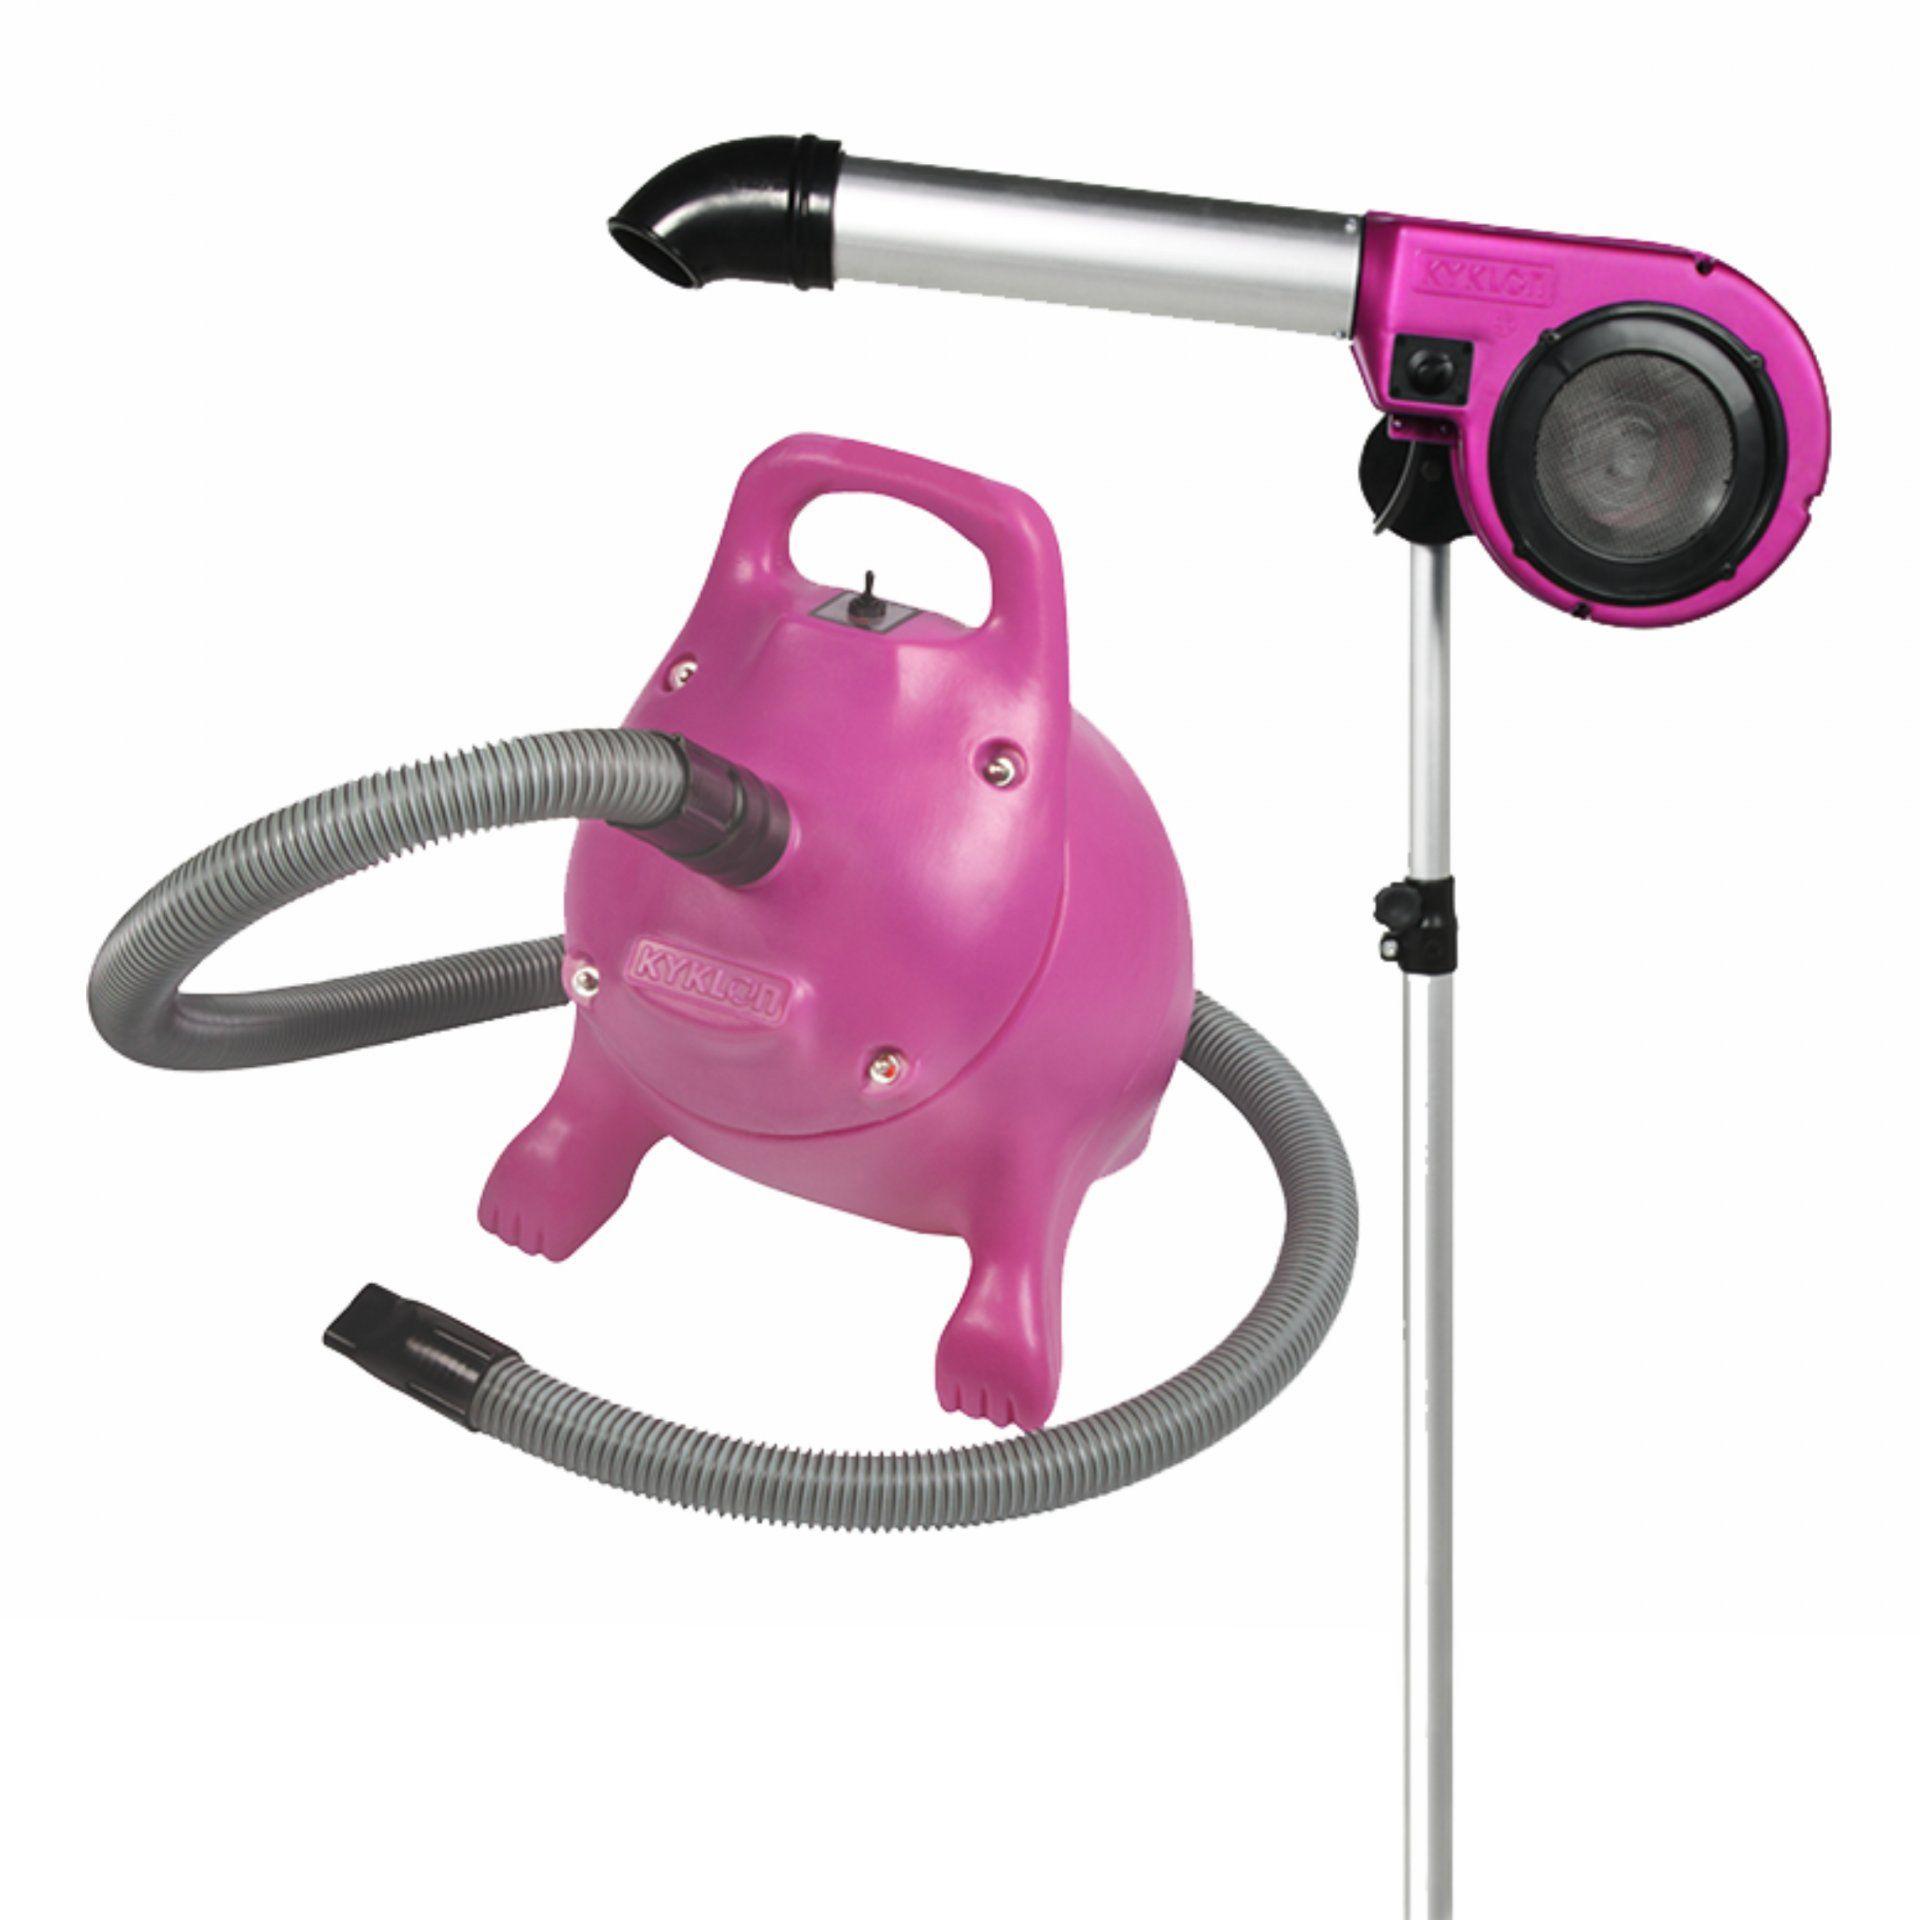 Secador Kyklon 5000 Pink + Soprador RX Pink